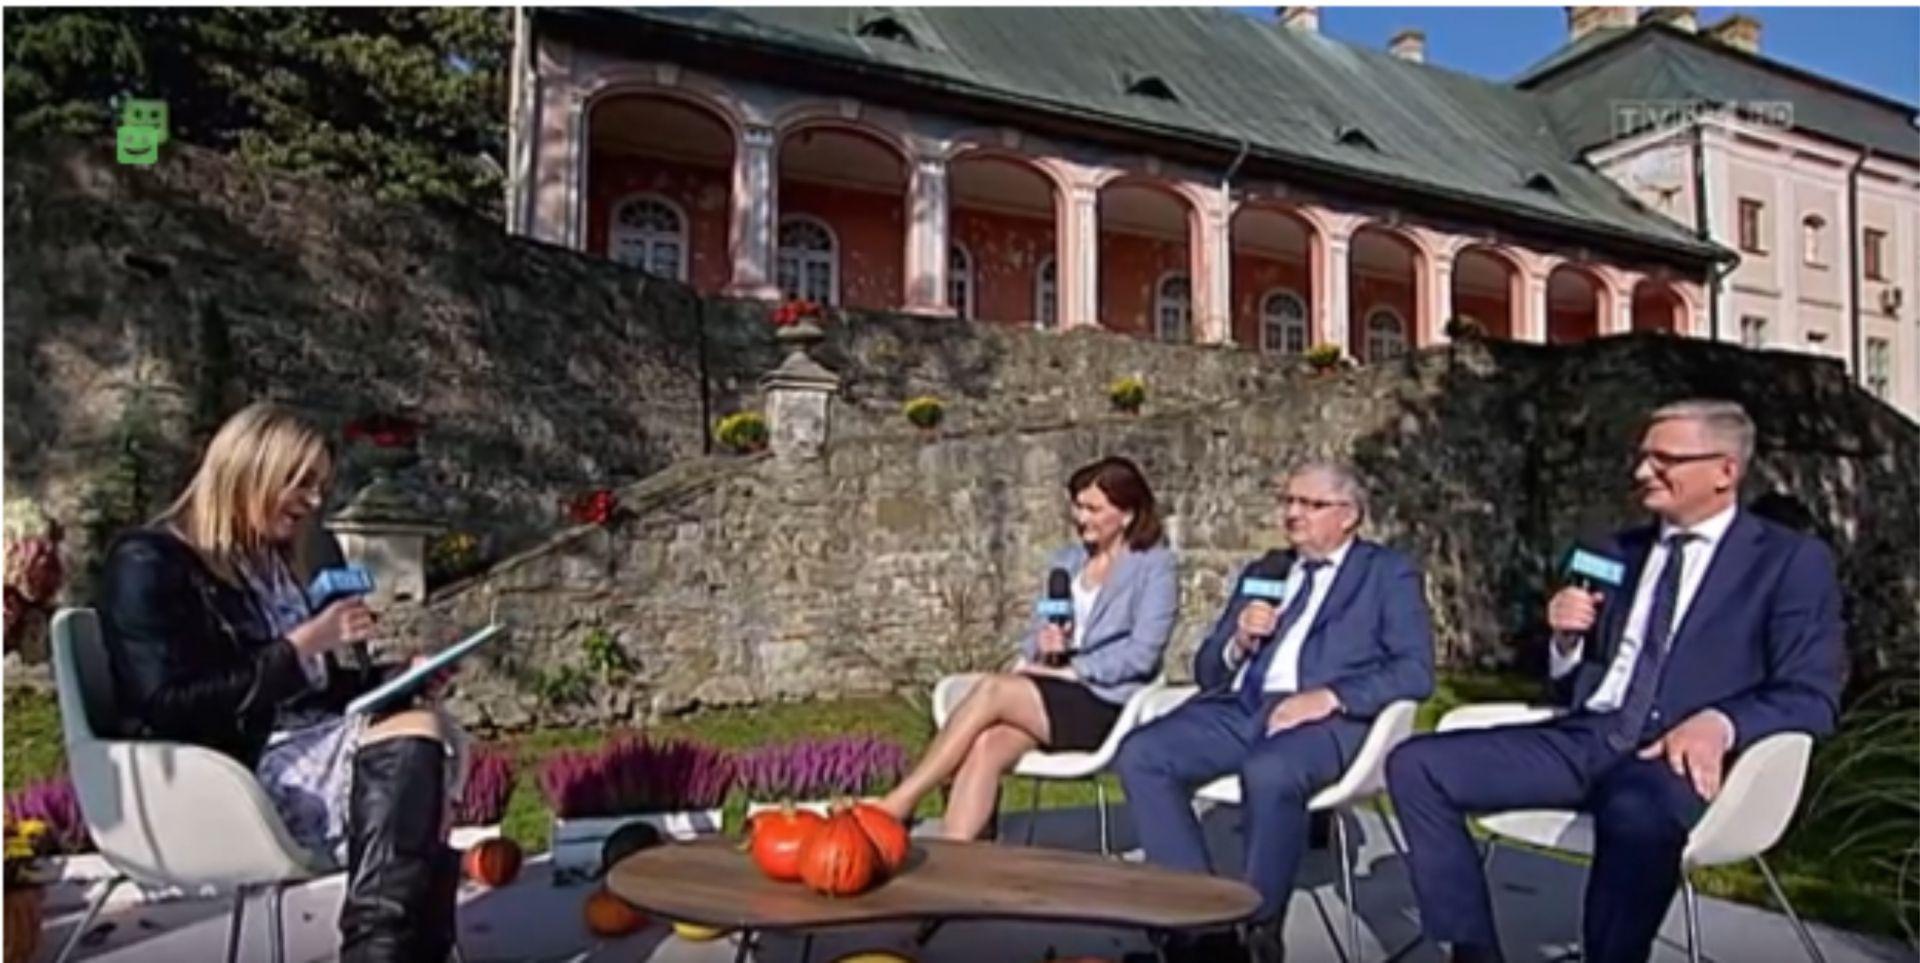 XVI Jesienna Giełda Ogrodnicza w obiektywie Telewizji Polskiej